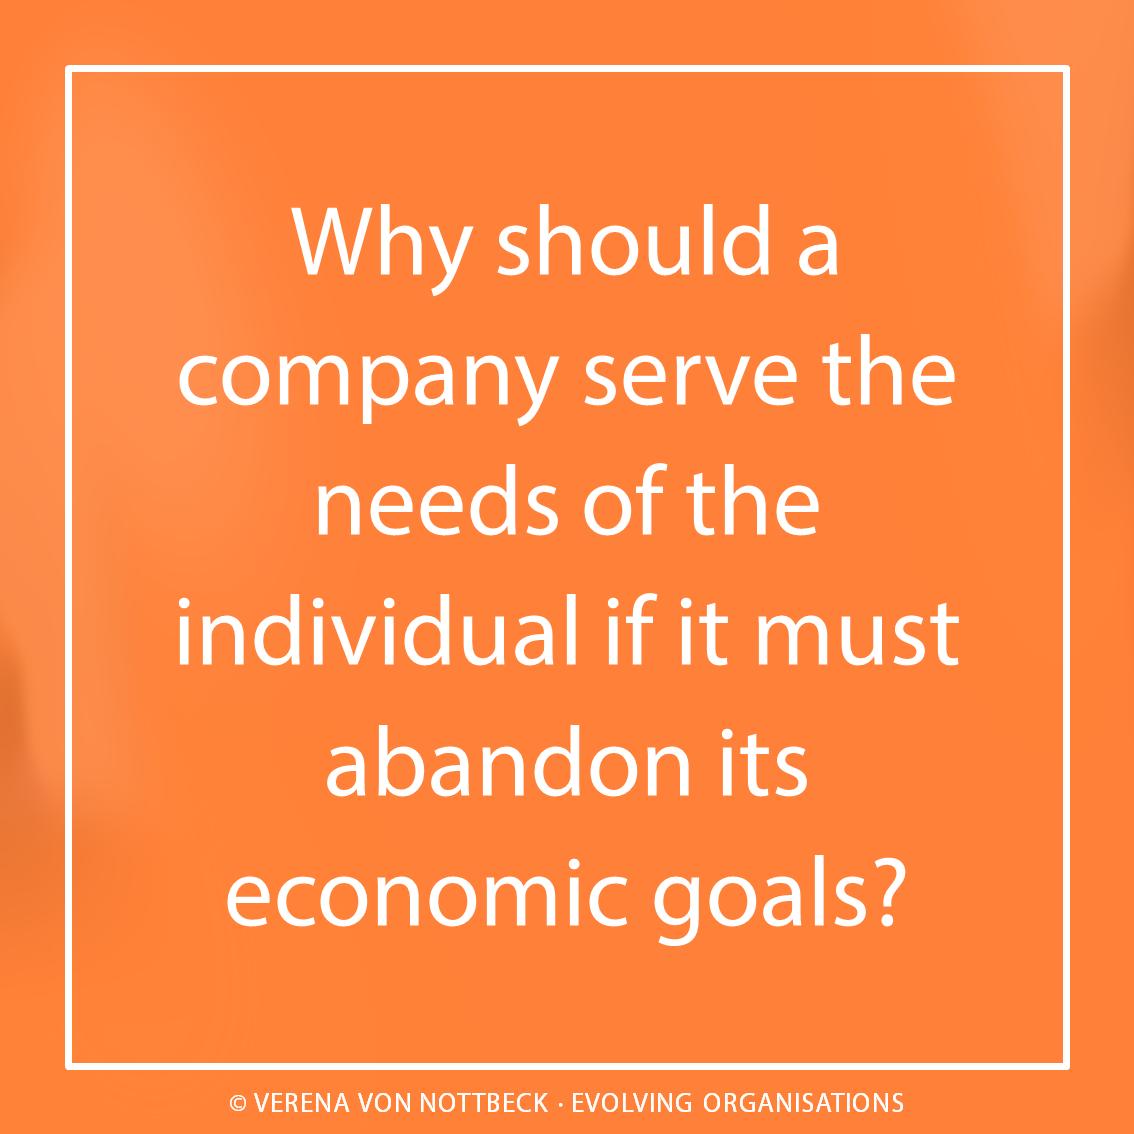 Warum sollte ein Unternehmen die Bedürfnisse des Einzelnen bedienen, wenn es dafür seine wirtschaftlichen Ziele aufgeben müsste?